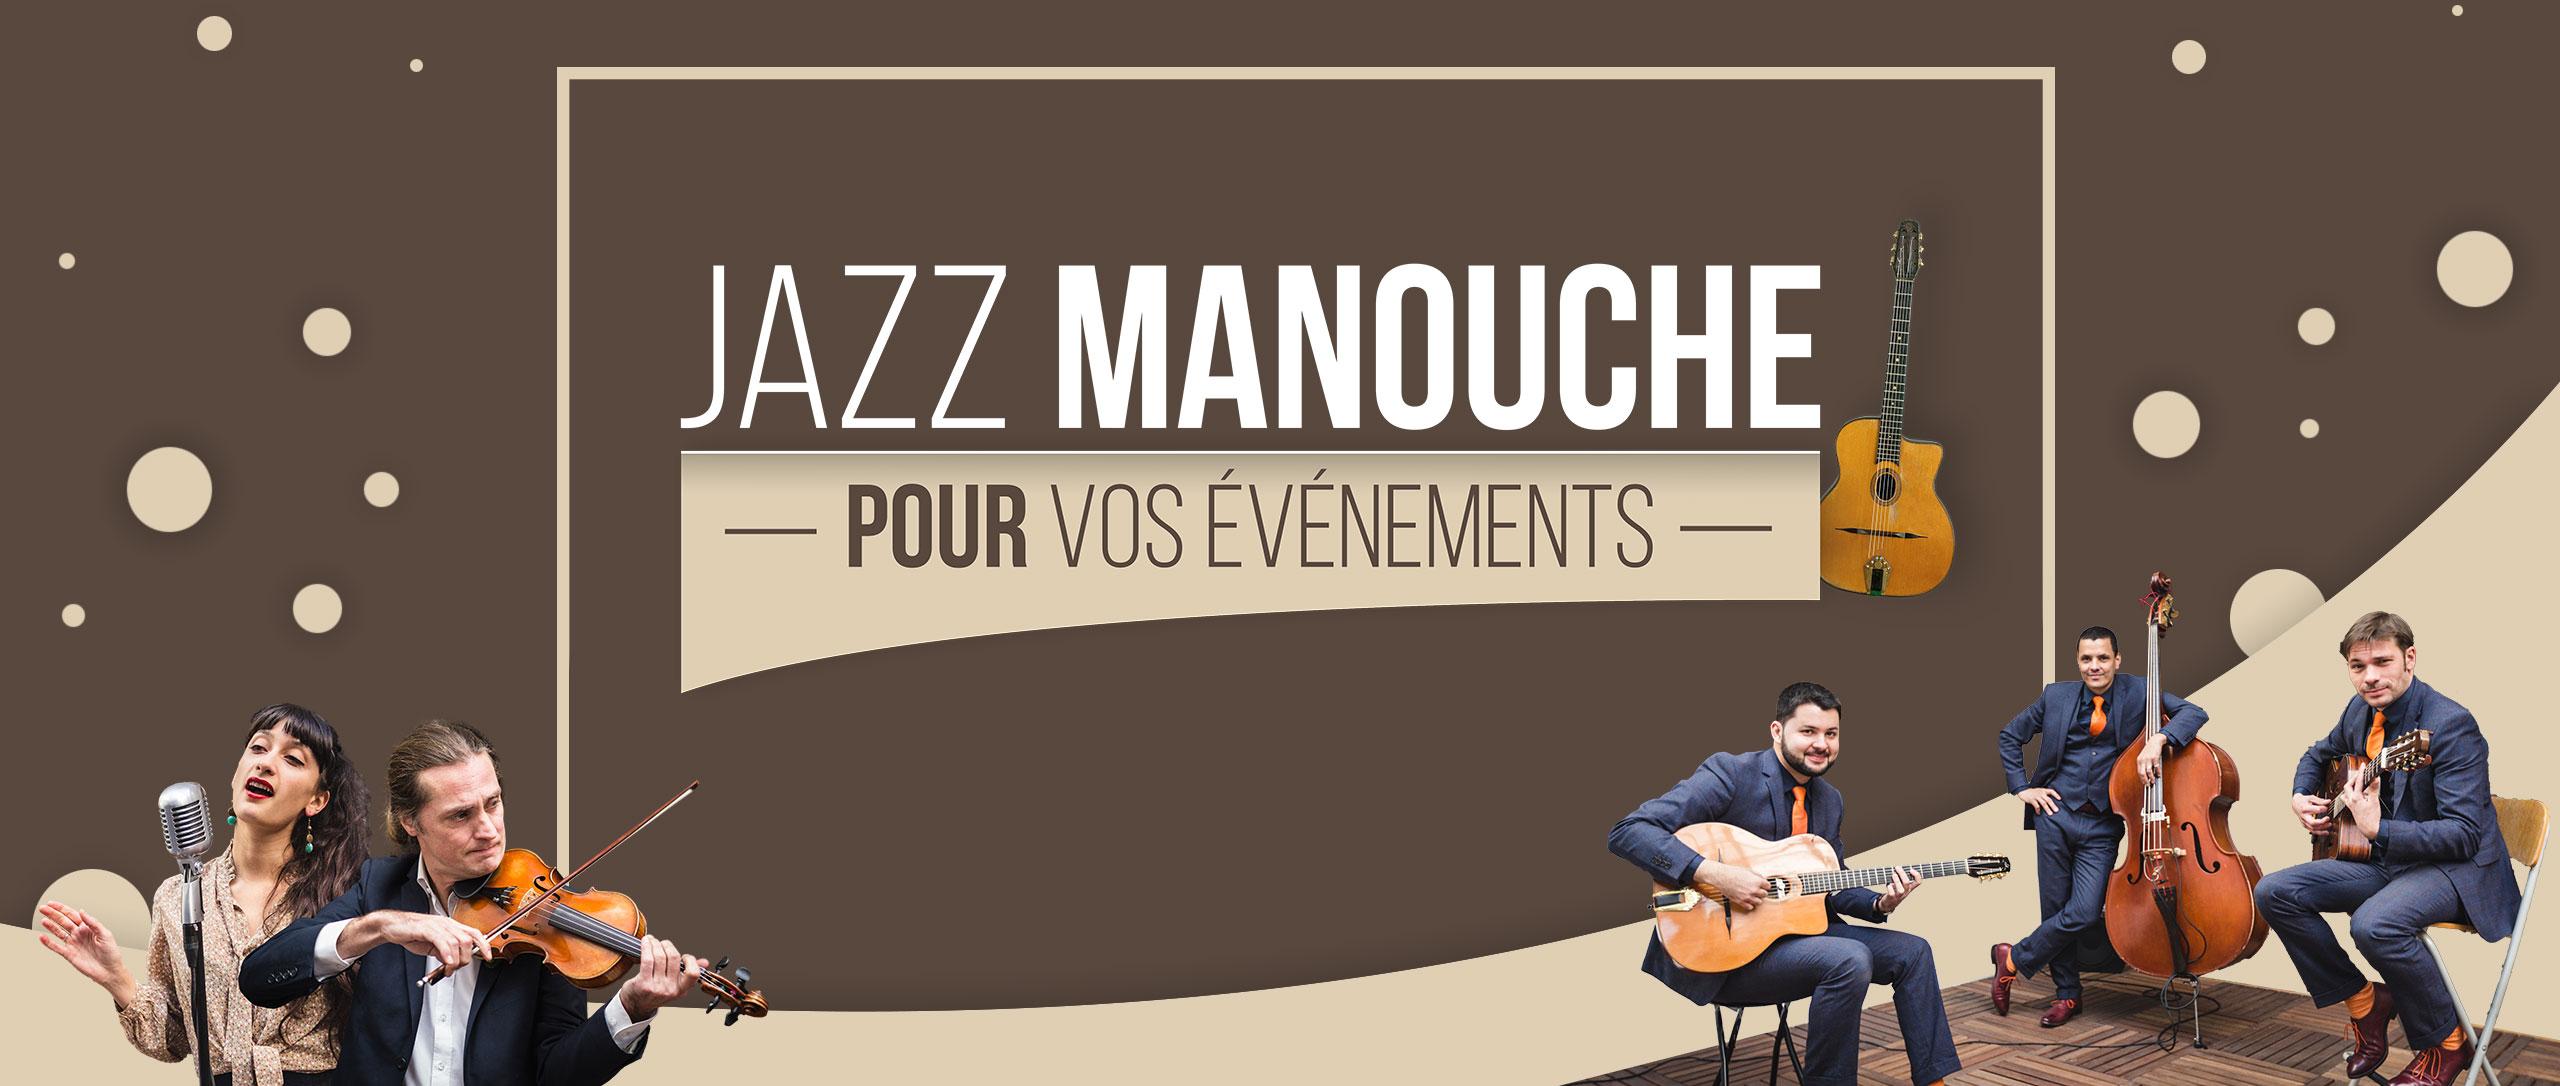 Bannière jazz manouche pour mariages et événements